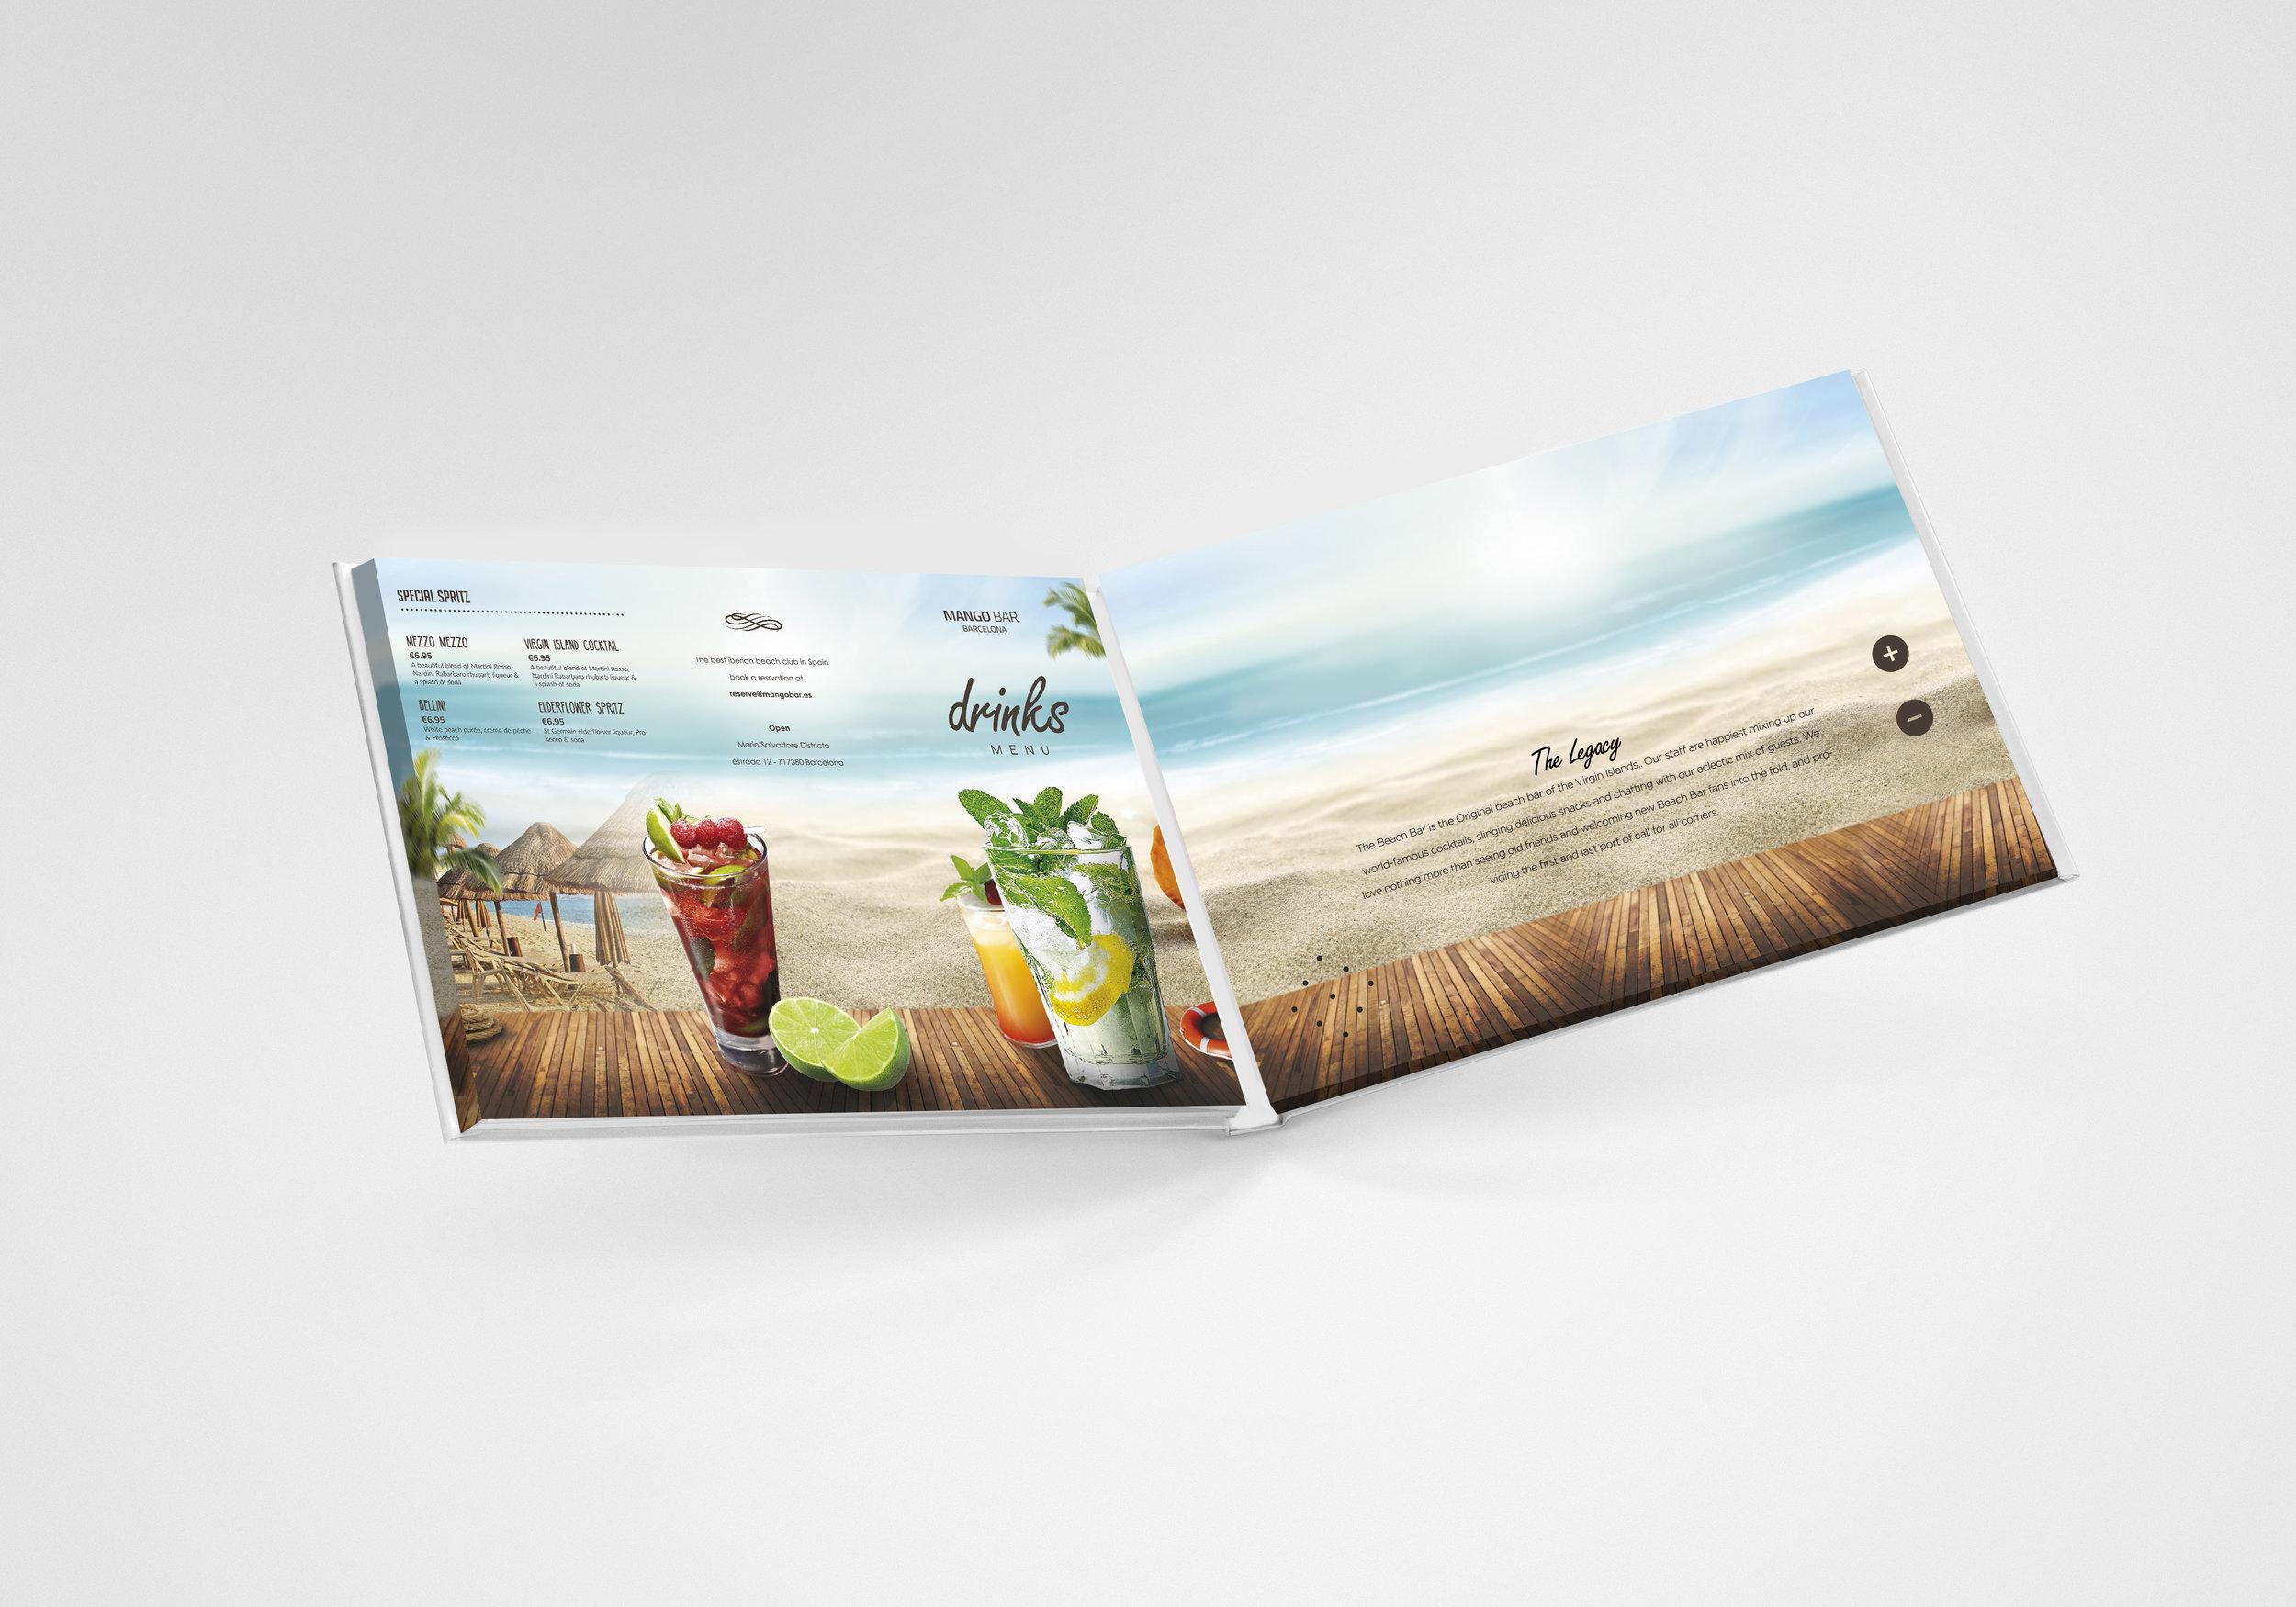 a-books1.jpg